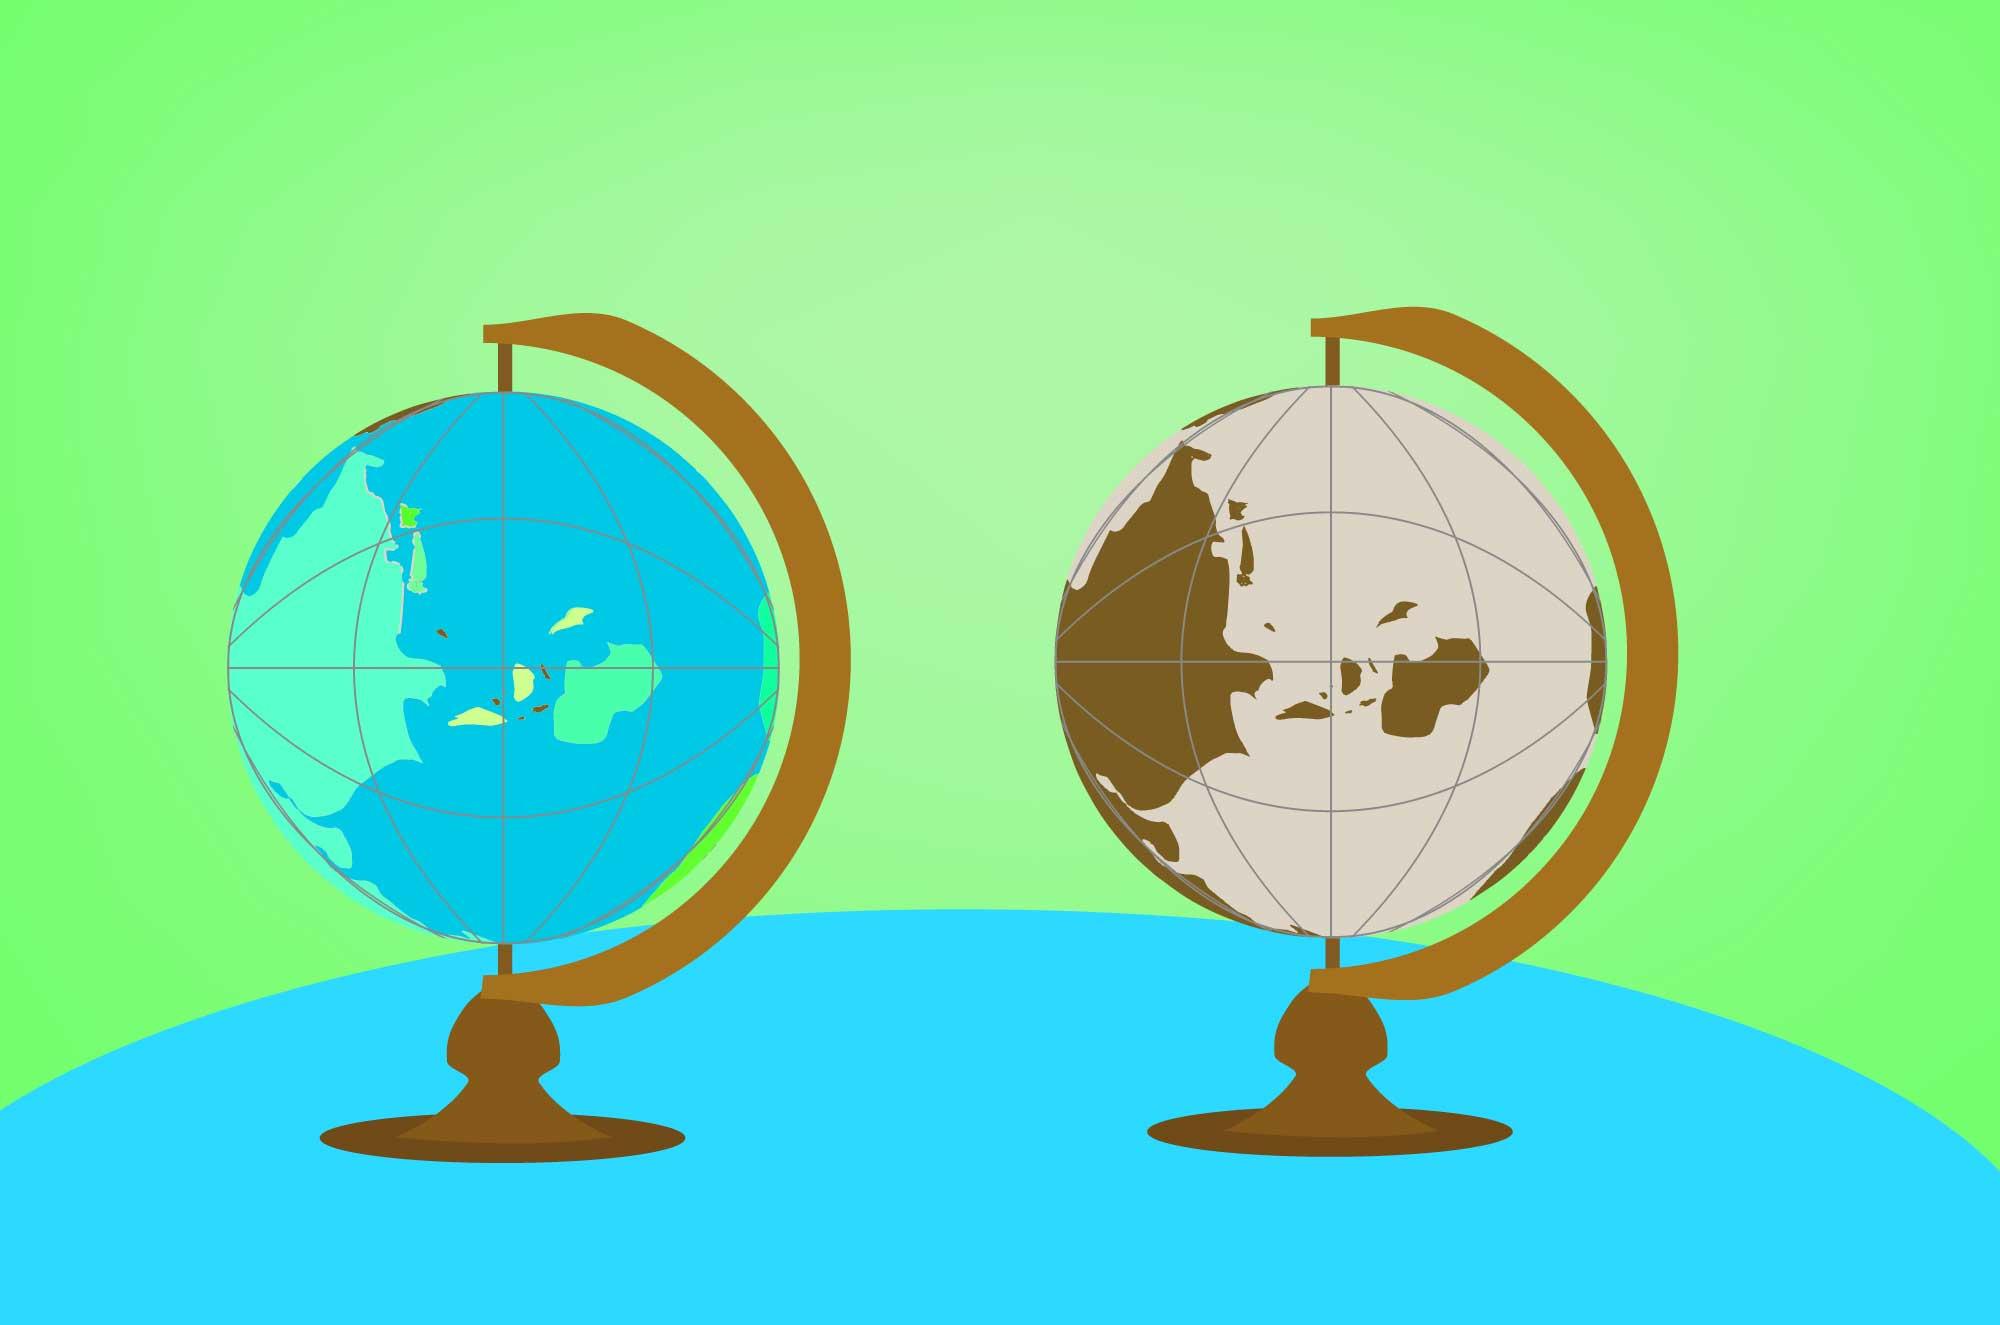 地球儀の無料イラスト - 茶・水色・グレーの模型